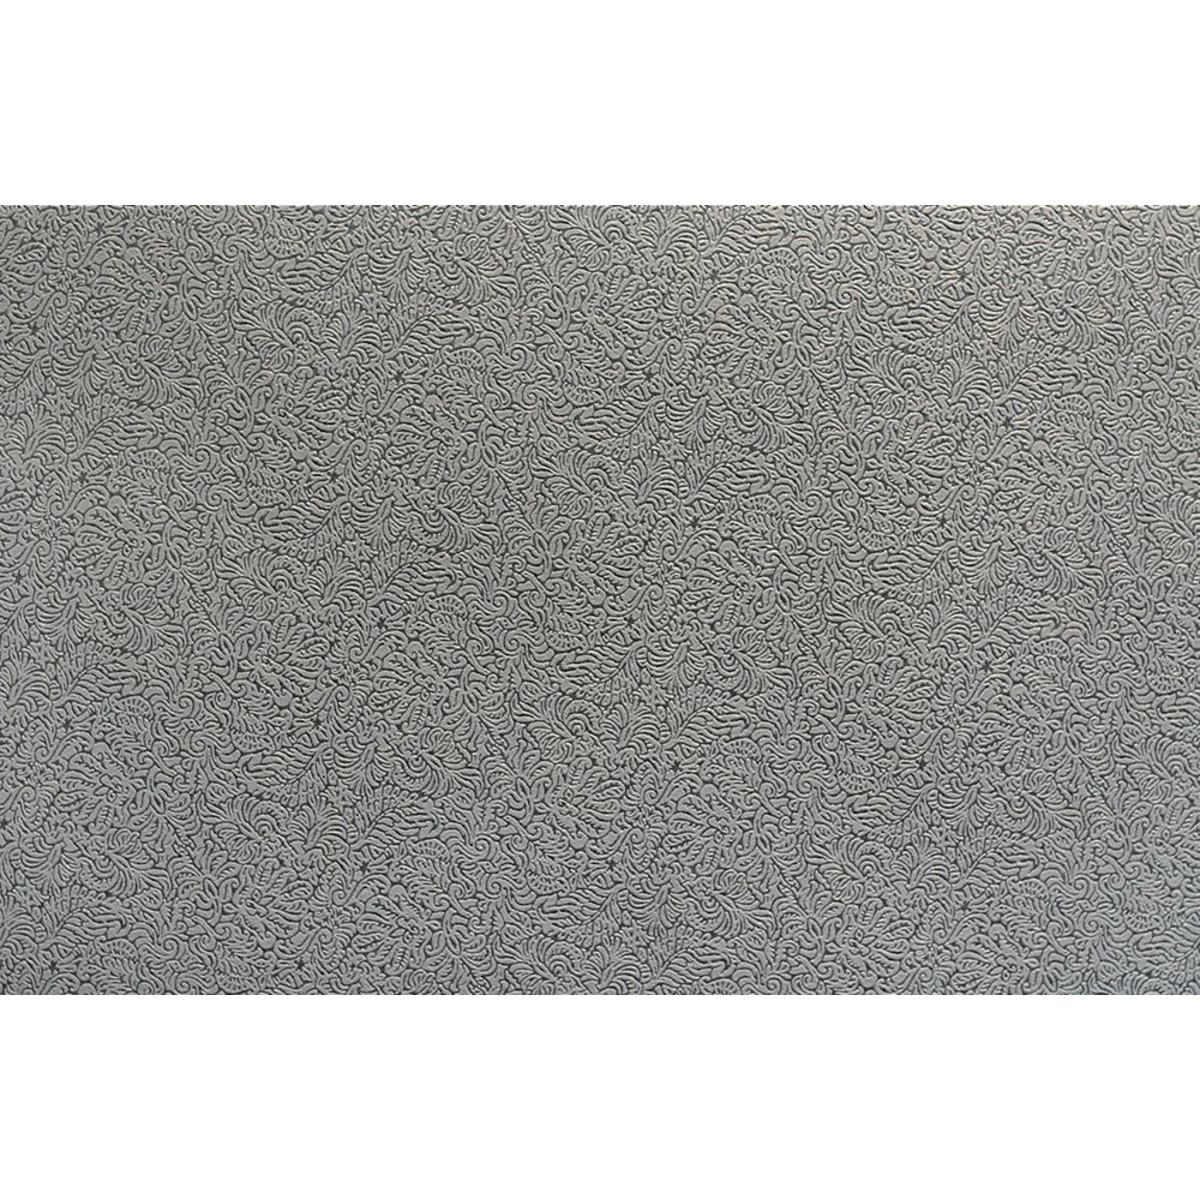 Обои флизелиновые Elysium Каролина серые 1.06 м Е68606